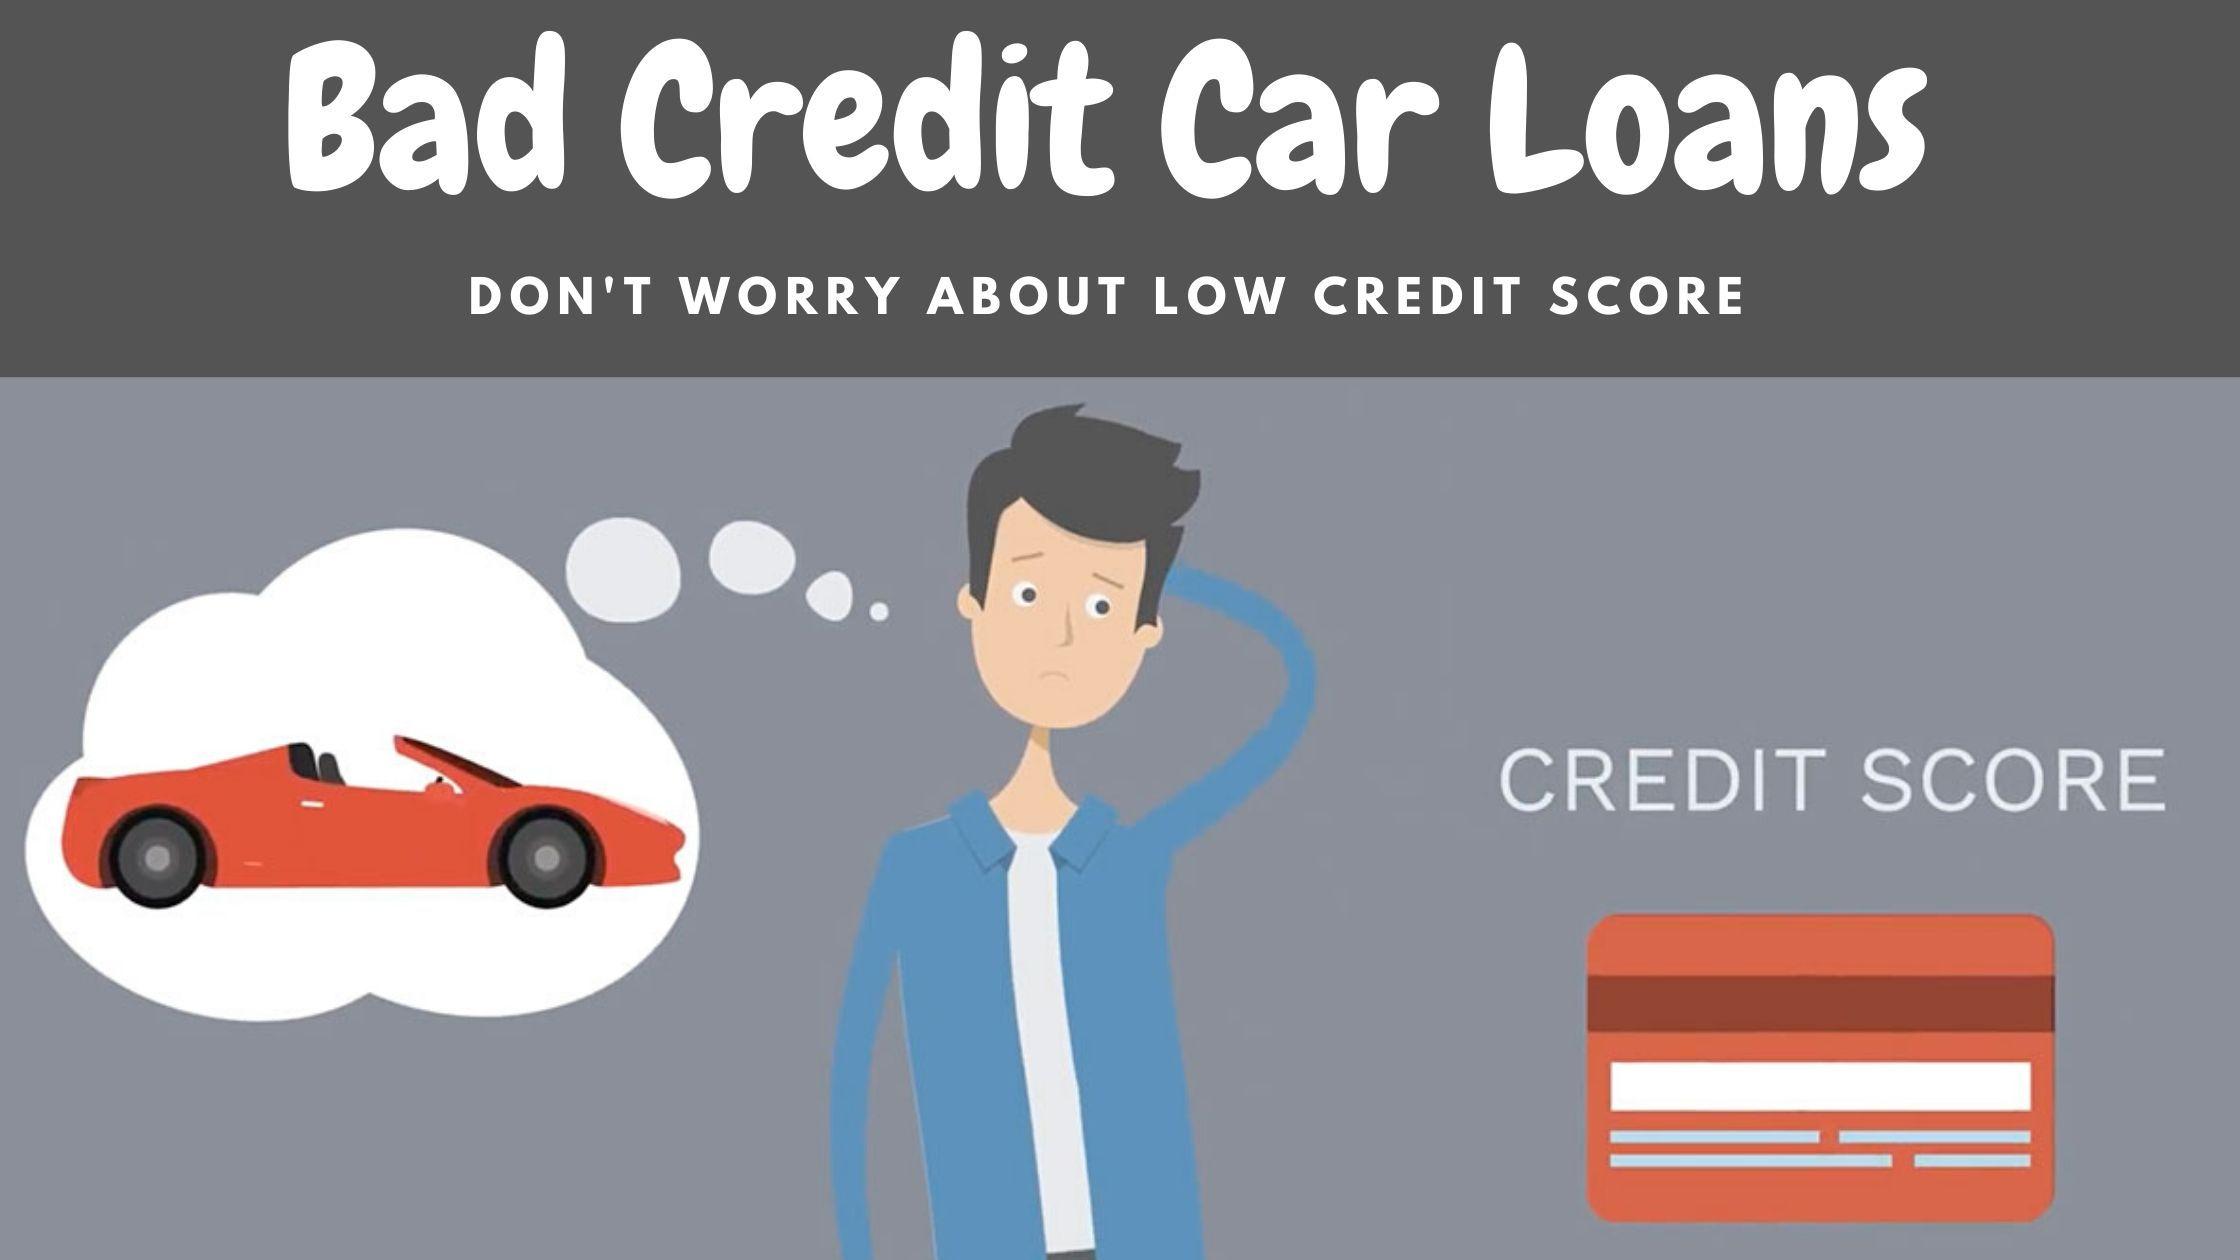 Get Bad Credit Car Loans Alberta Car Title Loans Canada Collateral Loans In 2020 Bad Credit Car Loan Credit Cars Bad Credit